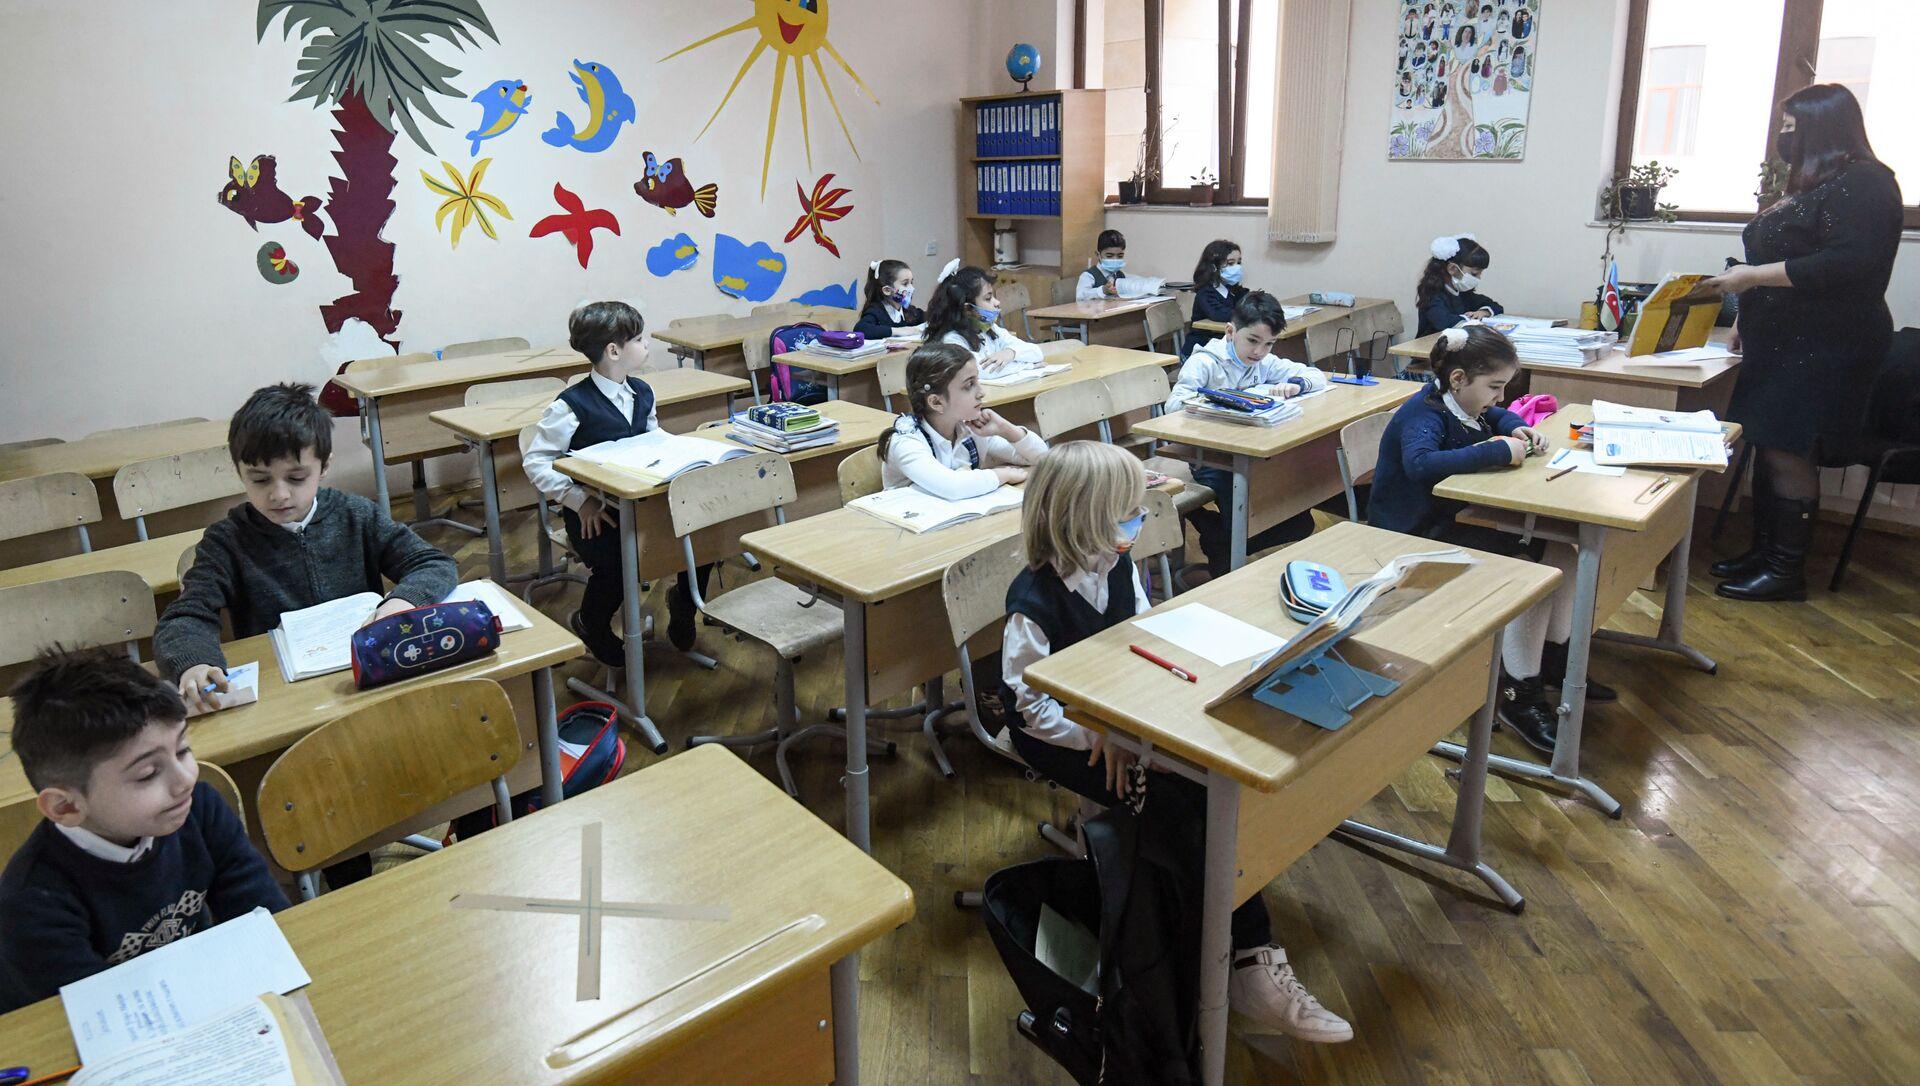 Возобновление очных занятий в бакинских школах, 1 февраля 2021 года - Sputnik Азербайджан, 1920, 07.05.2021